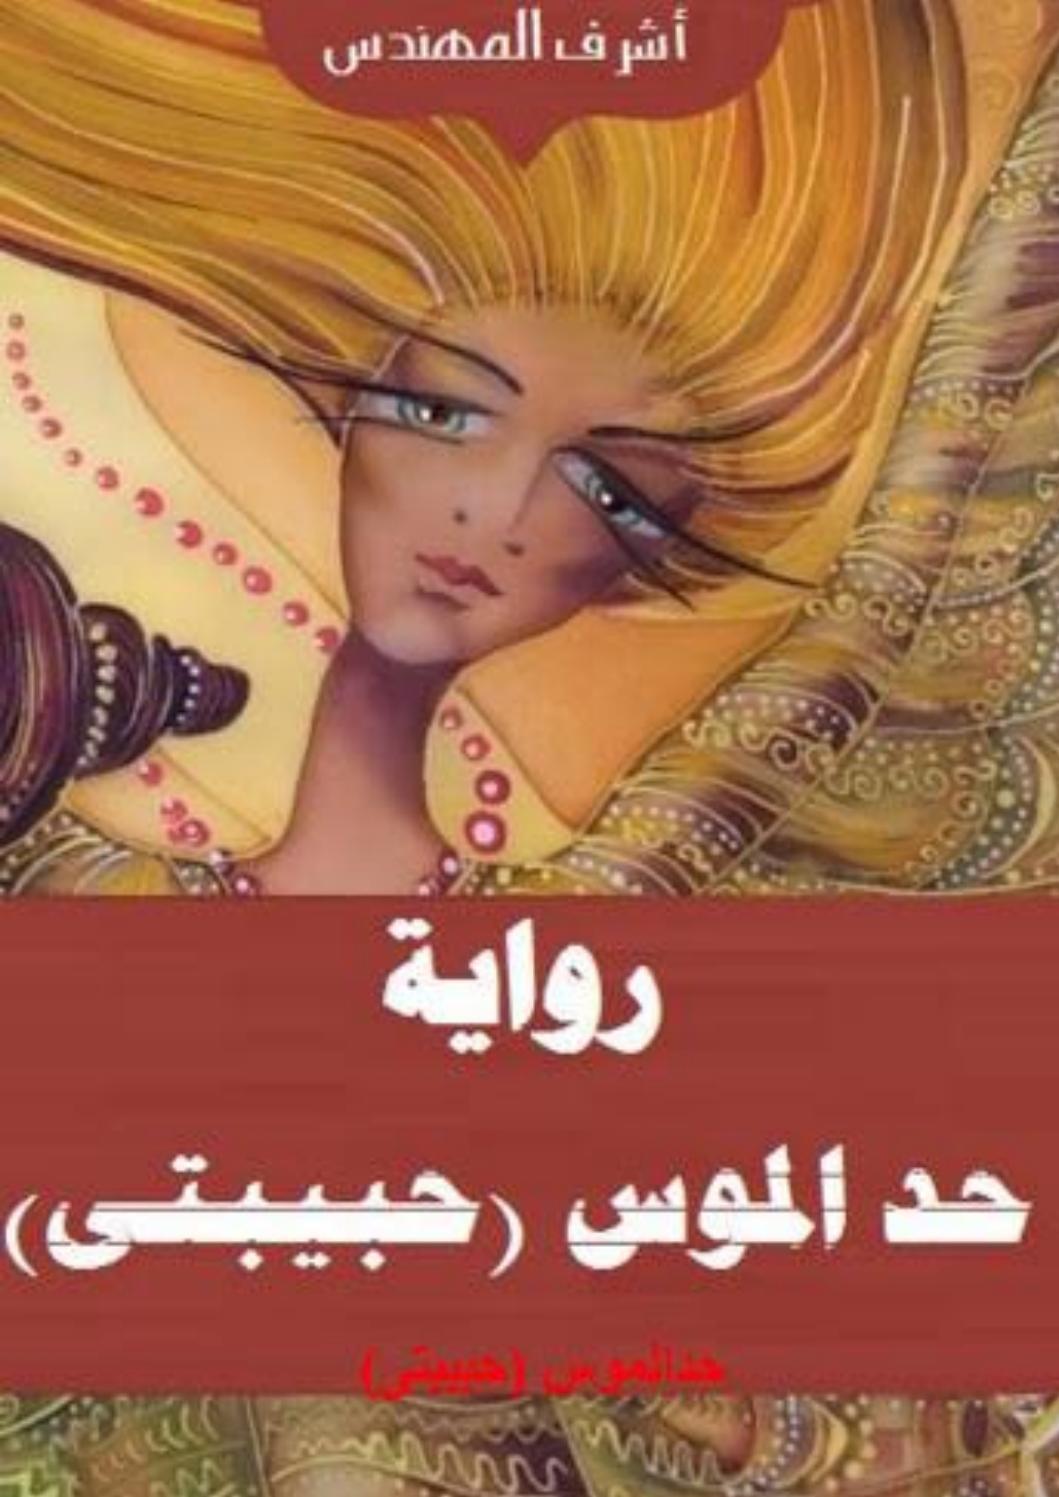 رواية حد الموس بقلم اشرف المهندس By مجلة الضياء رئيس التحرير محسن